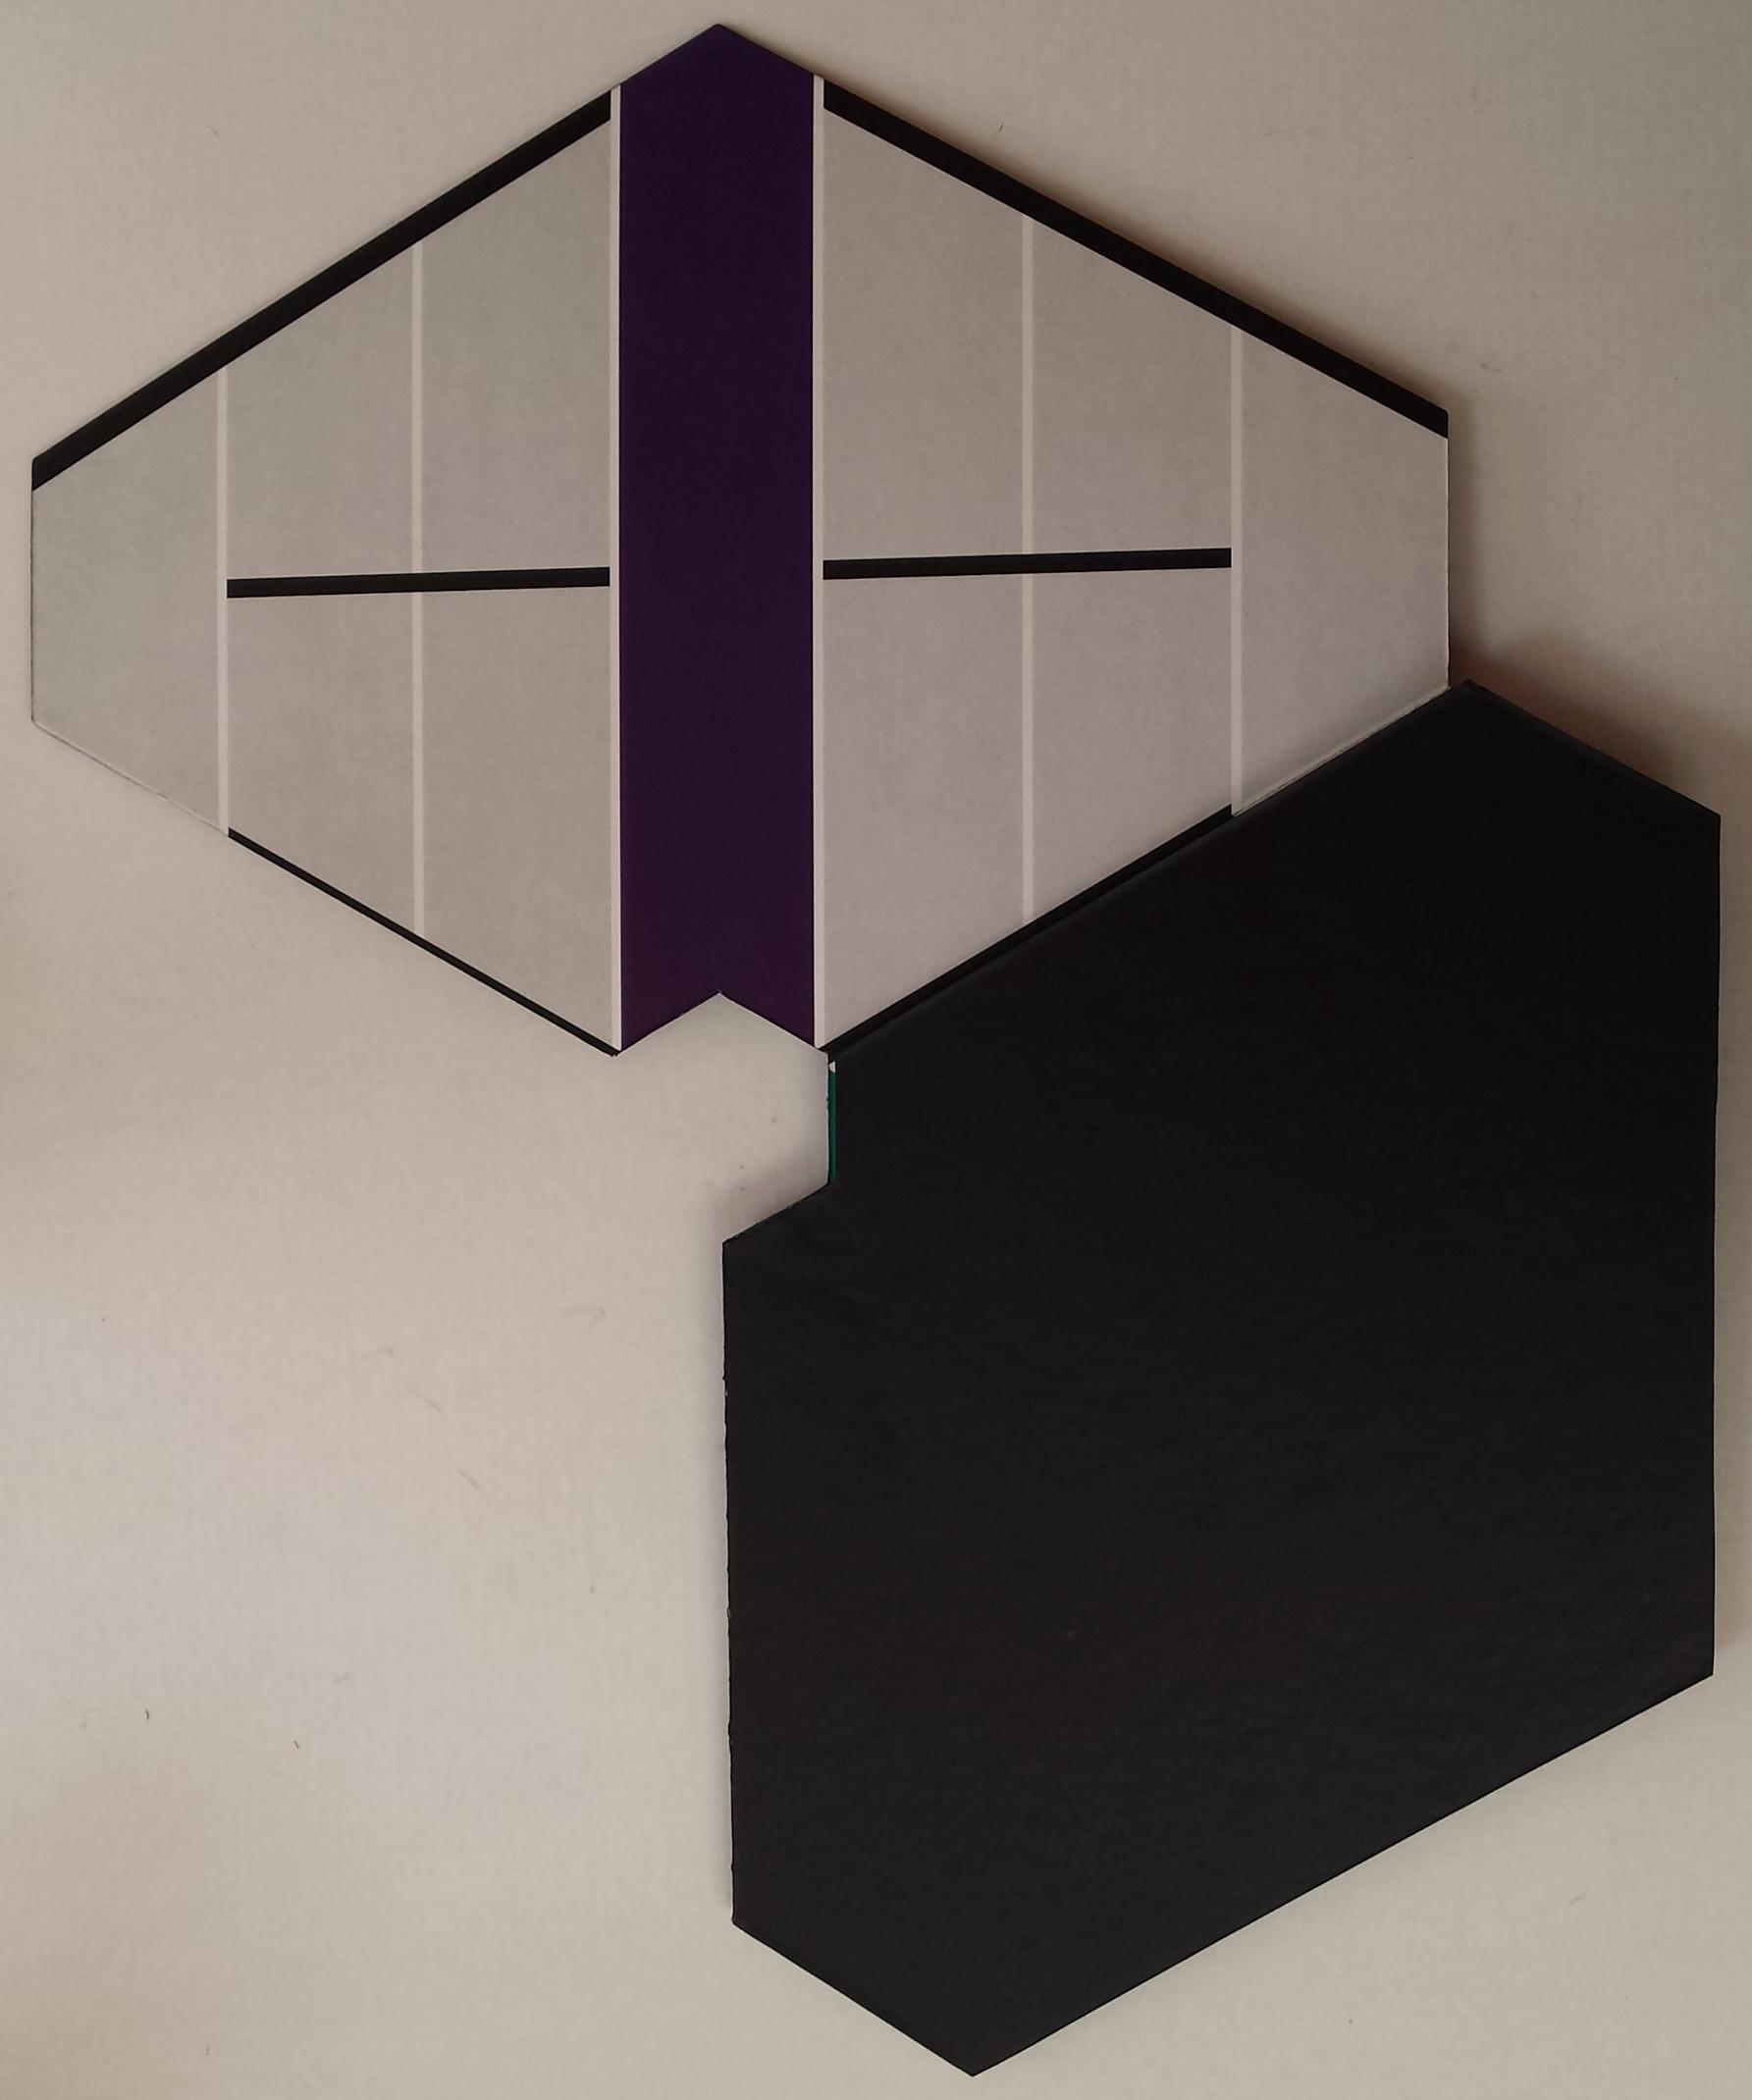 board-half-open